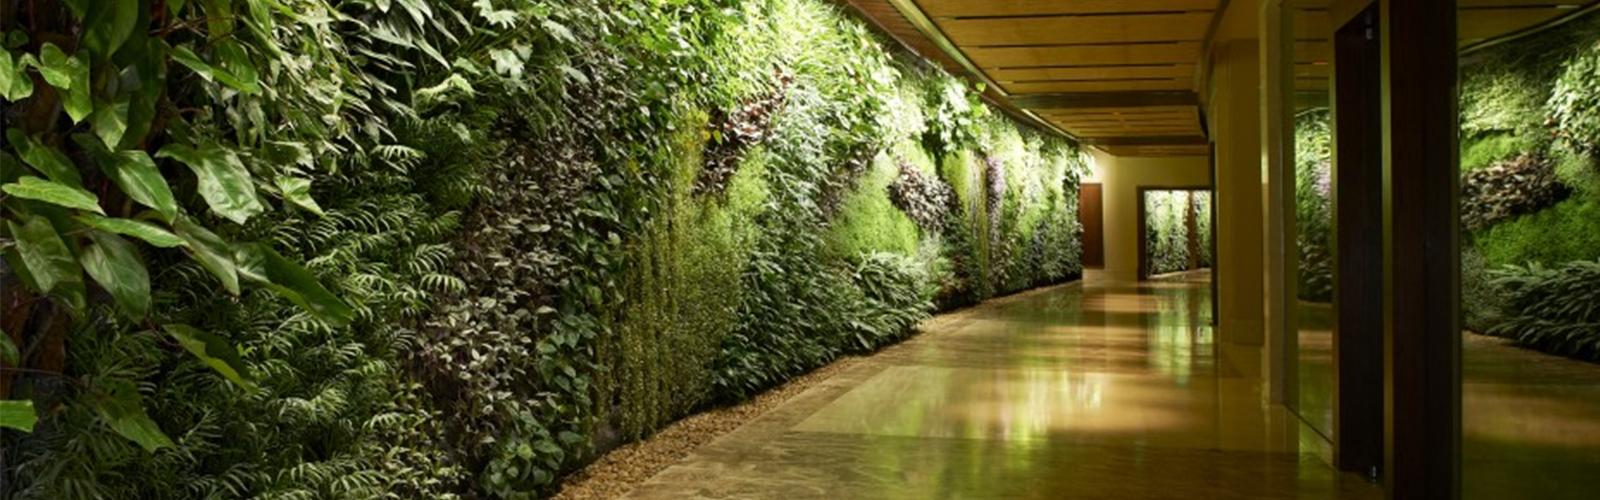 Green Wall Landscape